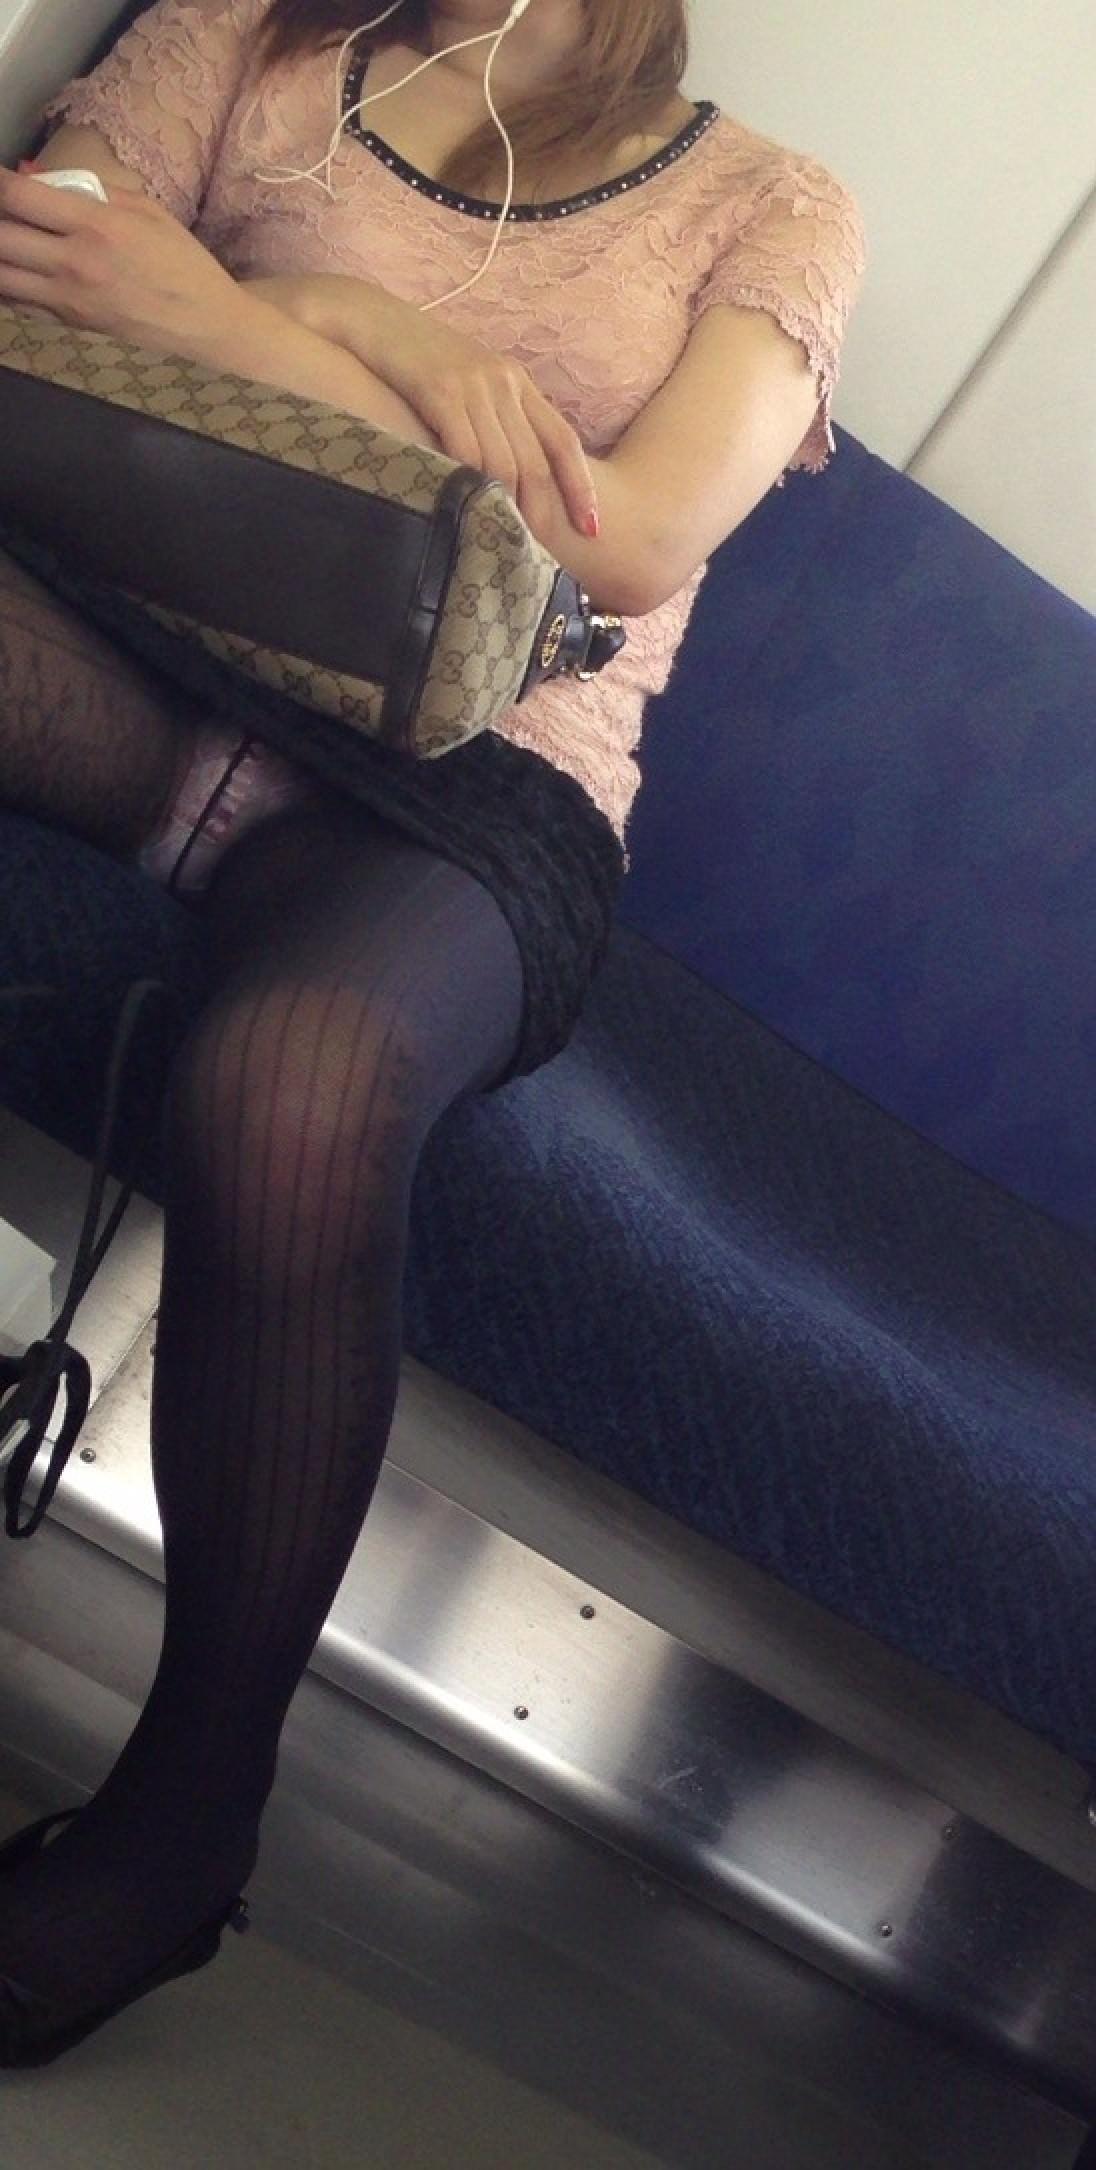 電車内って視線を低くするだけでパンチラ天国だろ!!!パンツモロ見え隠し撮りwwww 1621